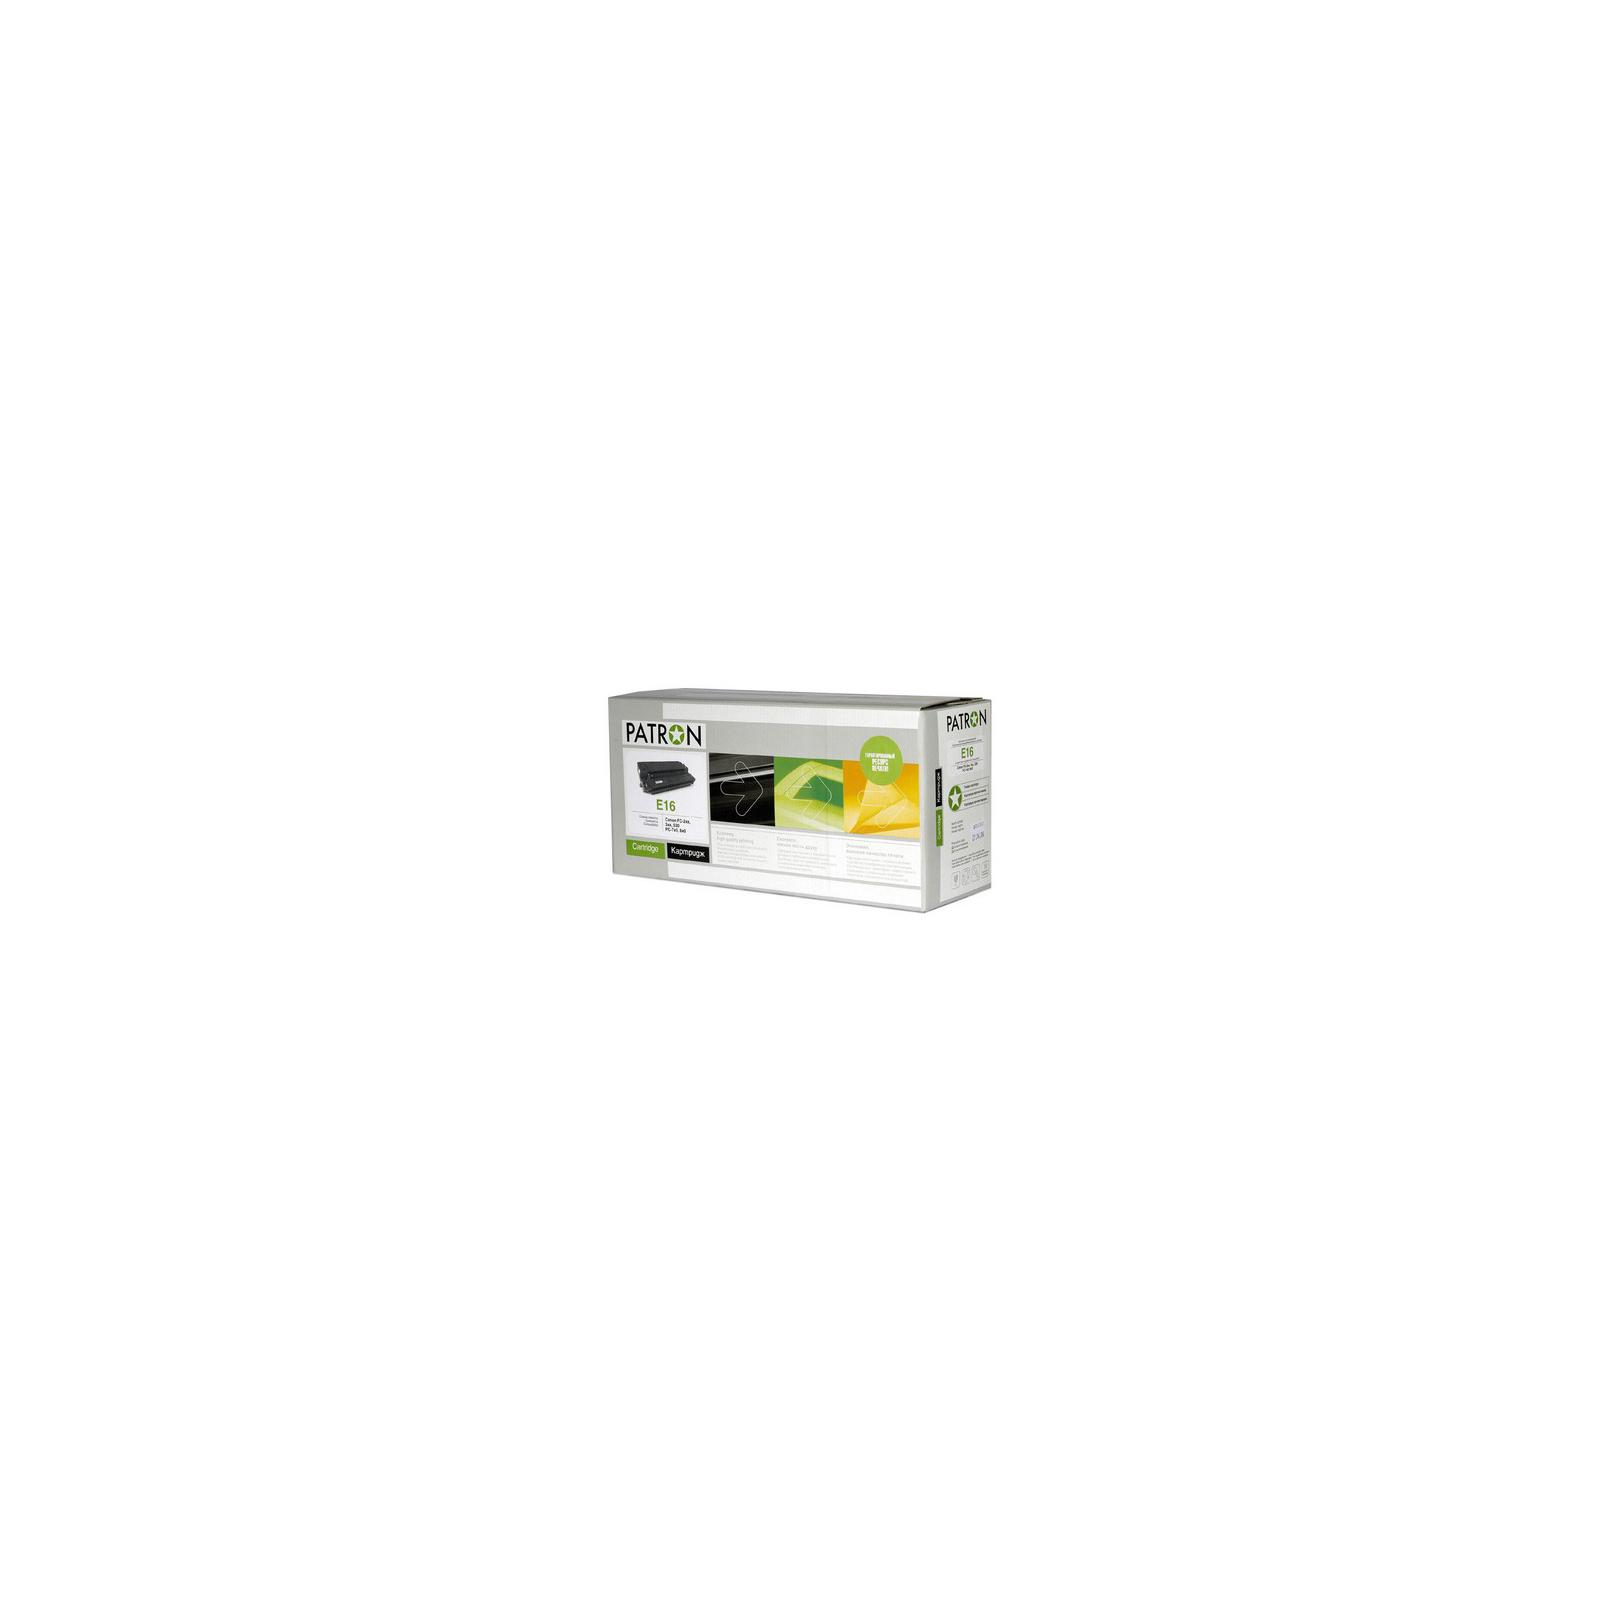 Картридж PATRON CANON E16 EXTRA (для FC/PC copiers) (CT-CAN-E16-PN-R)